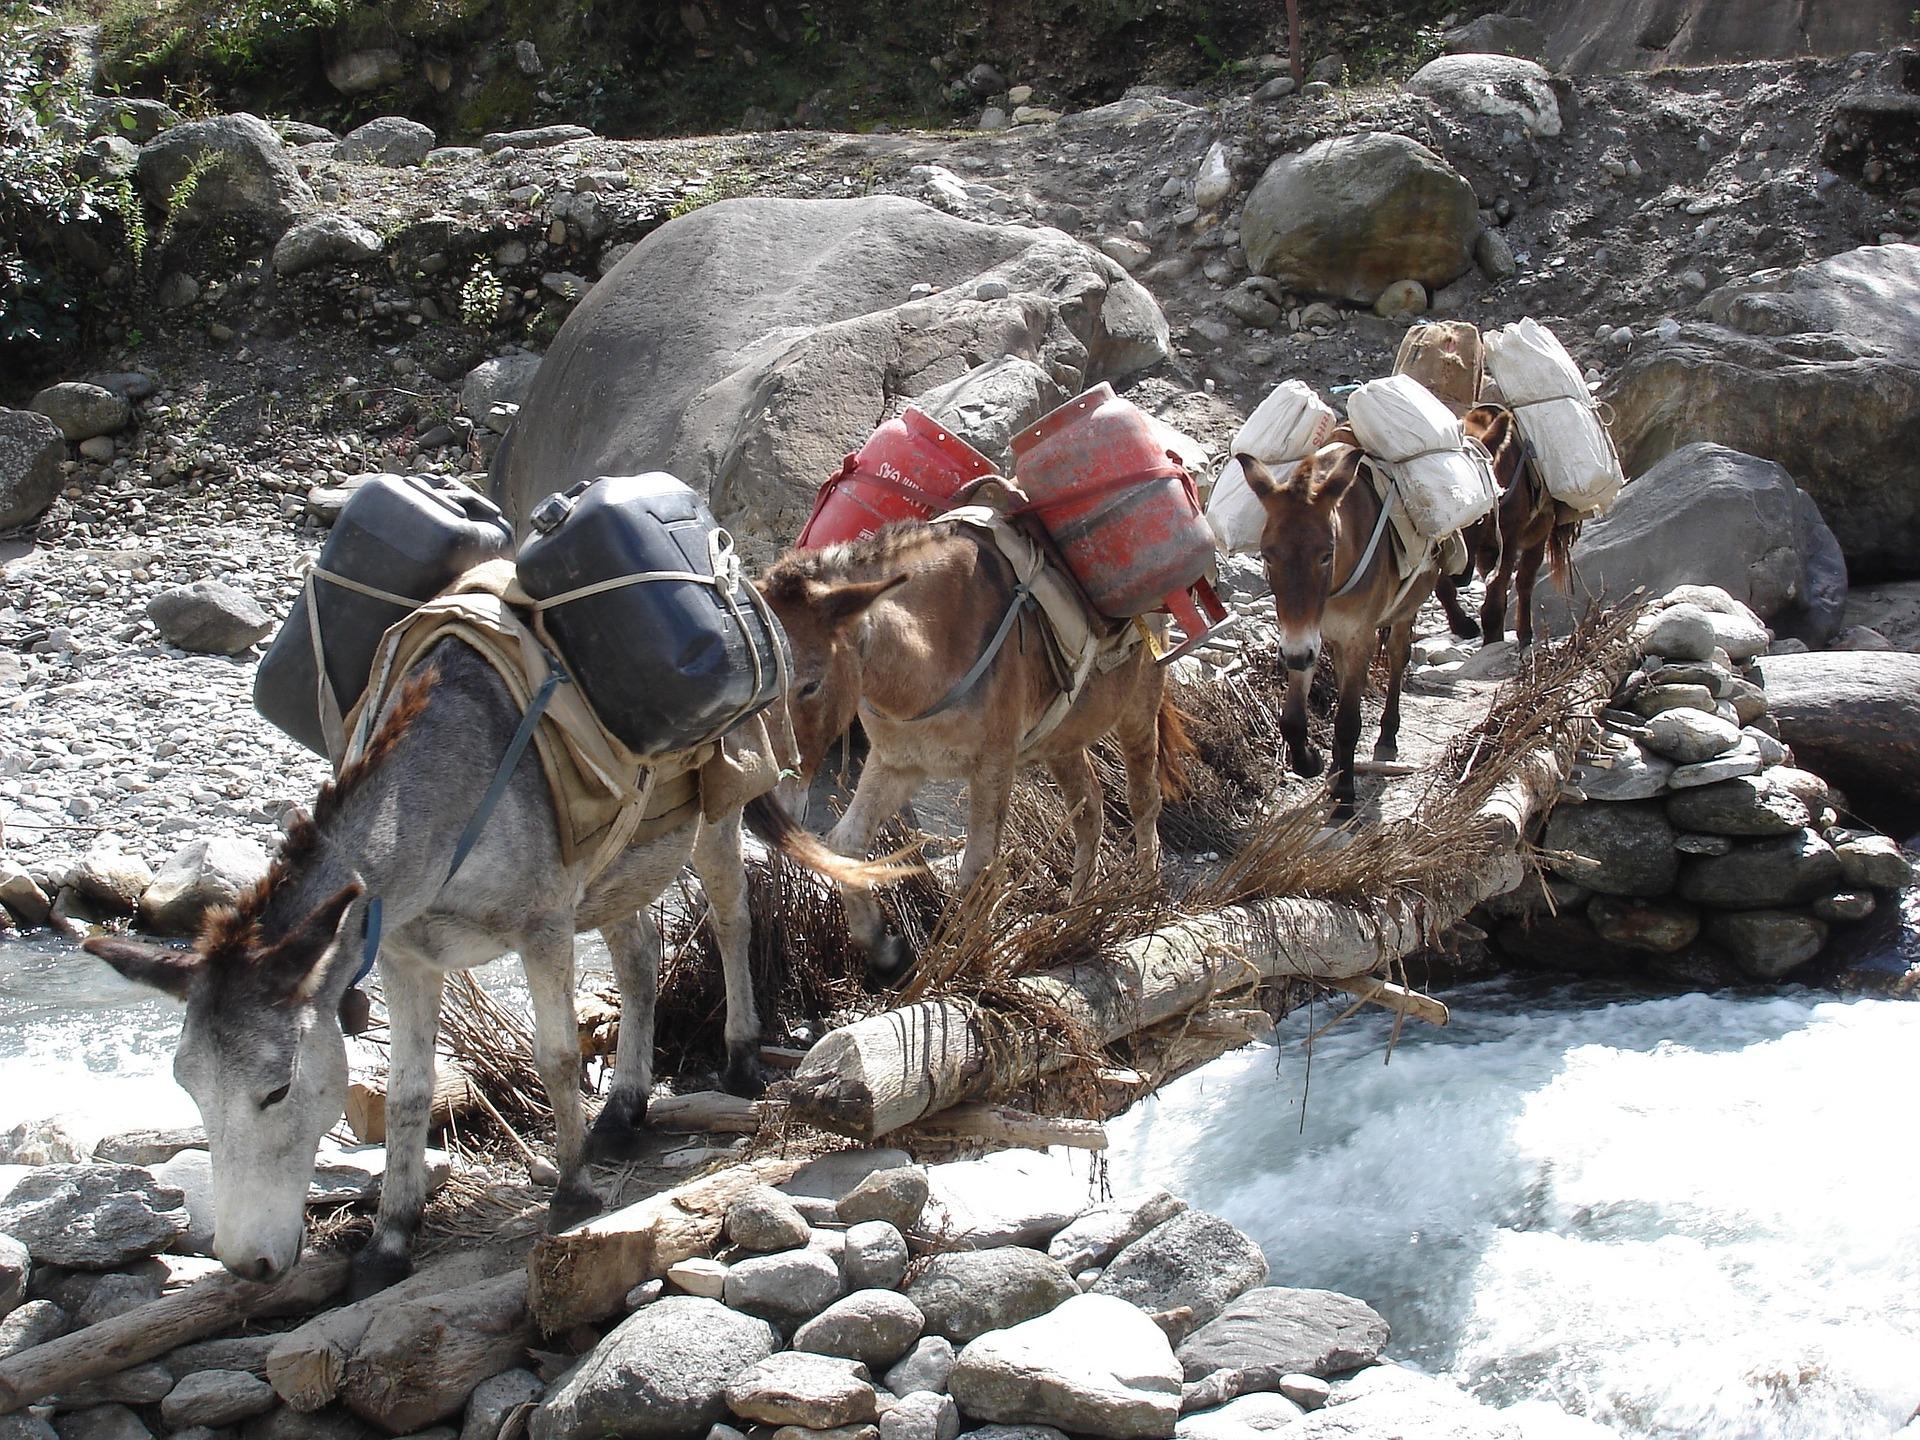 Volontariato internazionale in Nepal per le risorse idriche